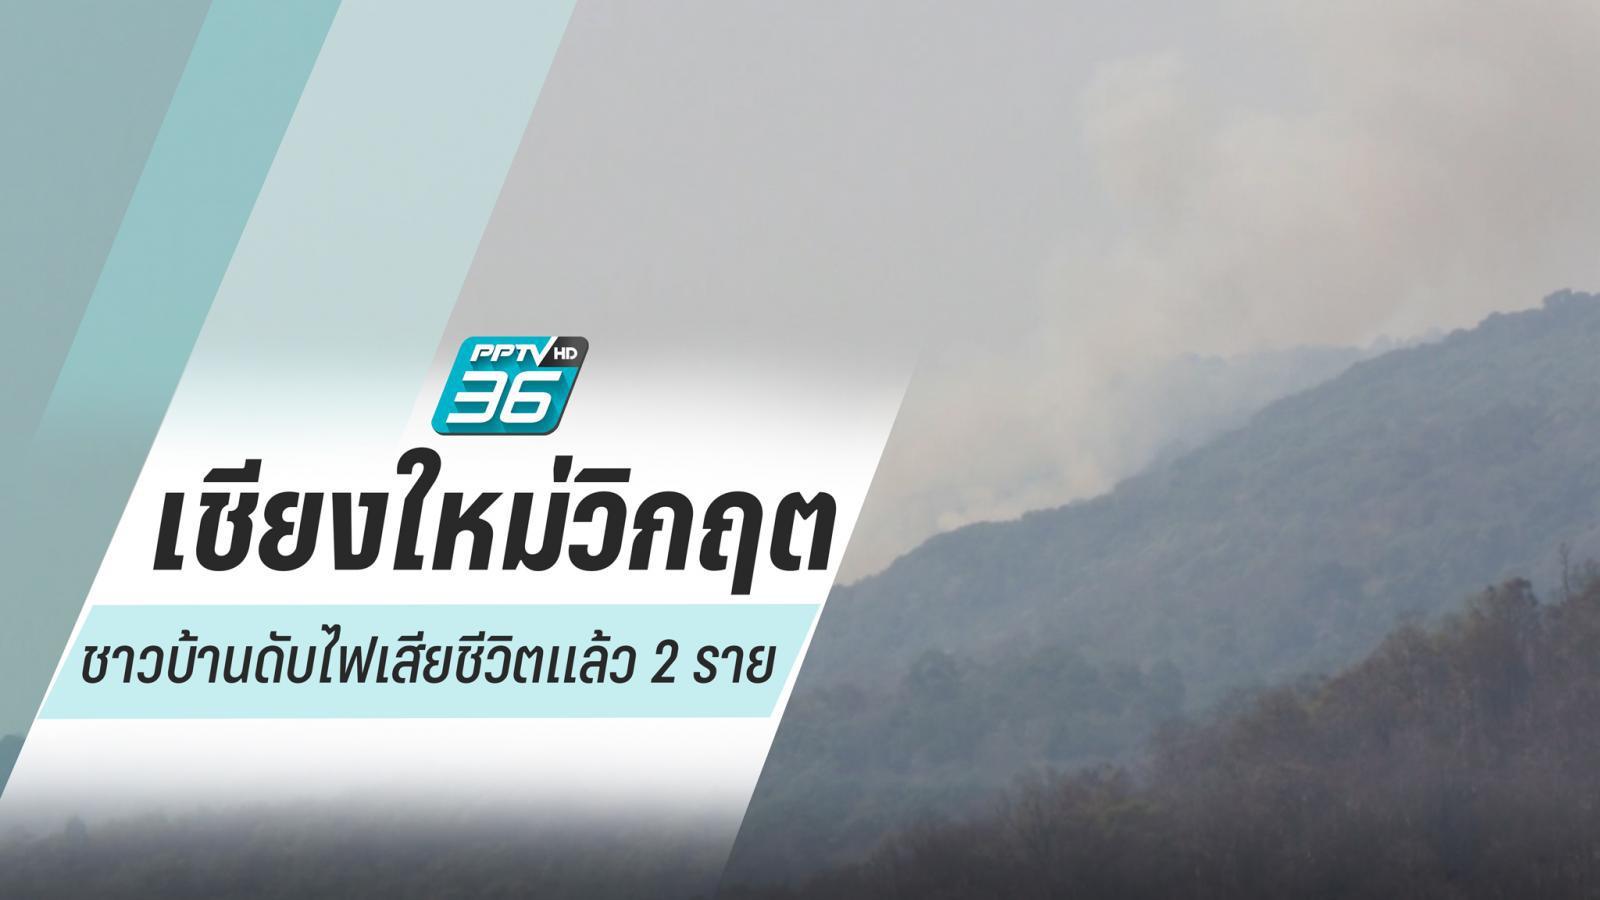 เชียงใหม่วิกฤตไฟป่า 571 จุด สลดชาวบ้านช่วยดับไฟเสียชีวิตแล้ว 2 ราย